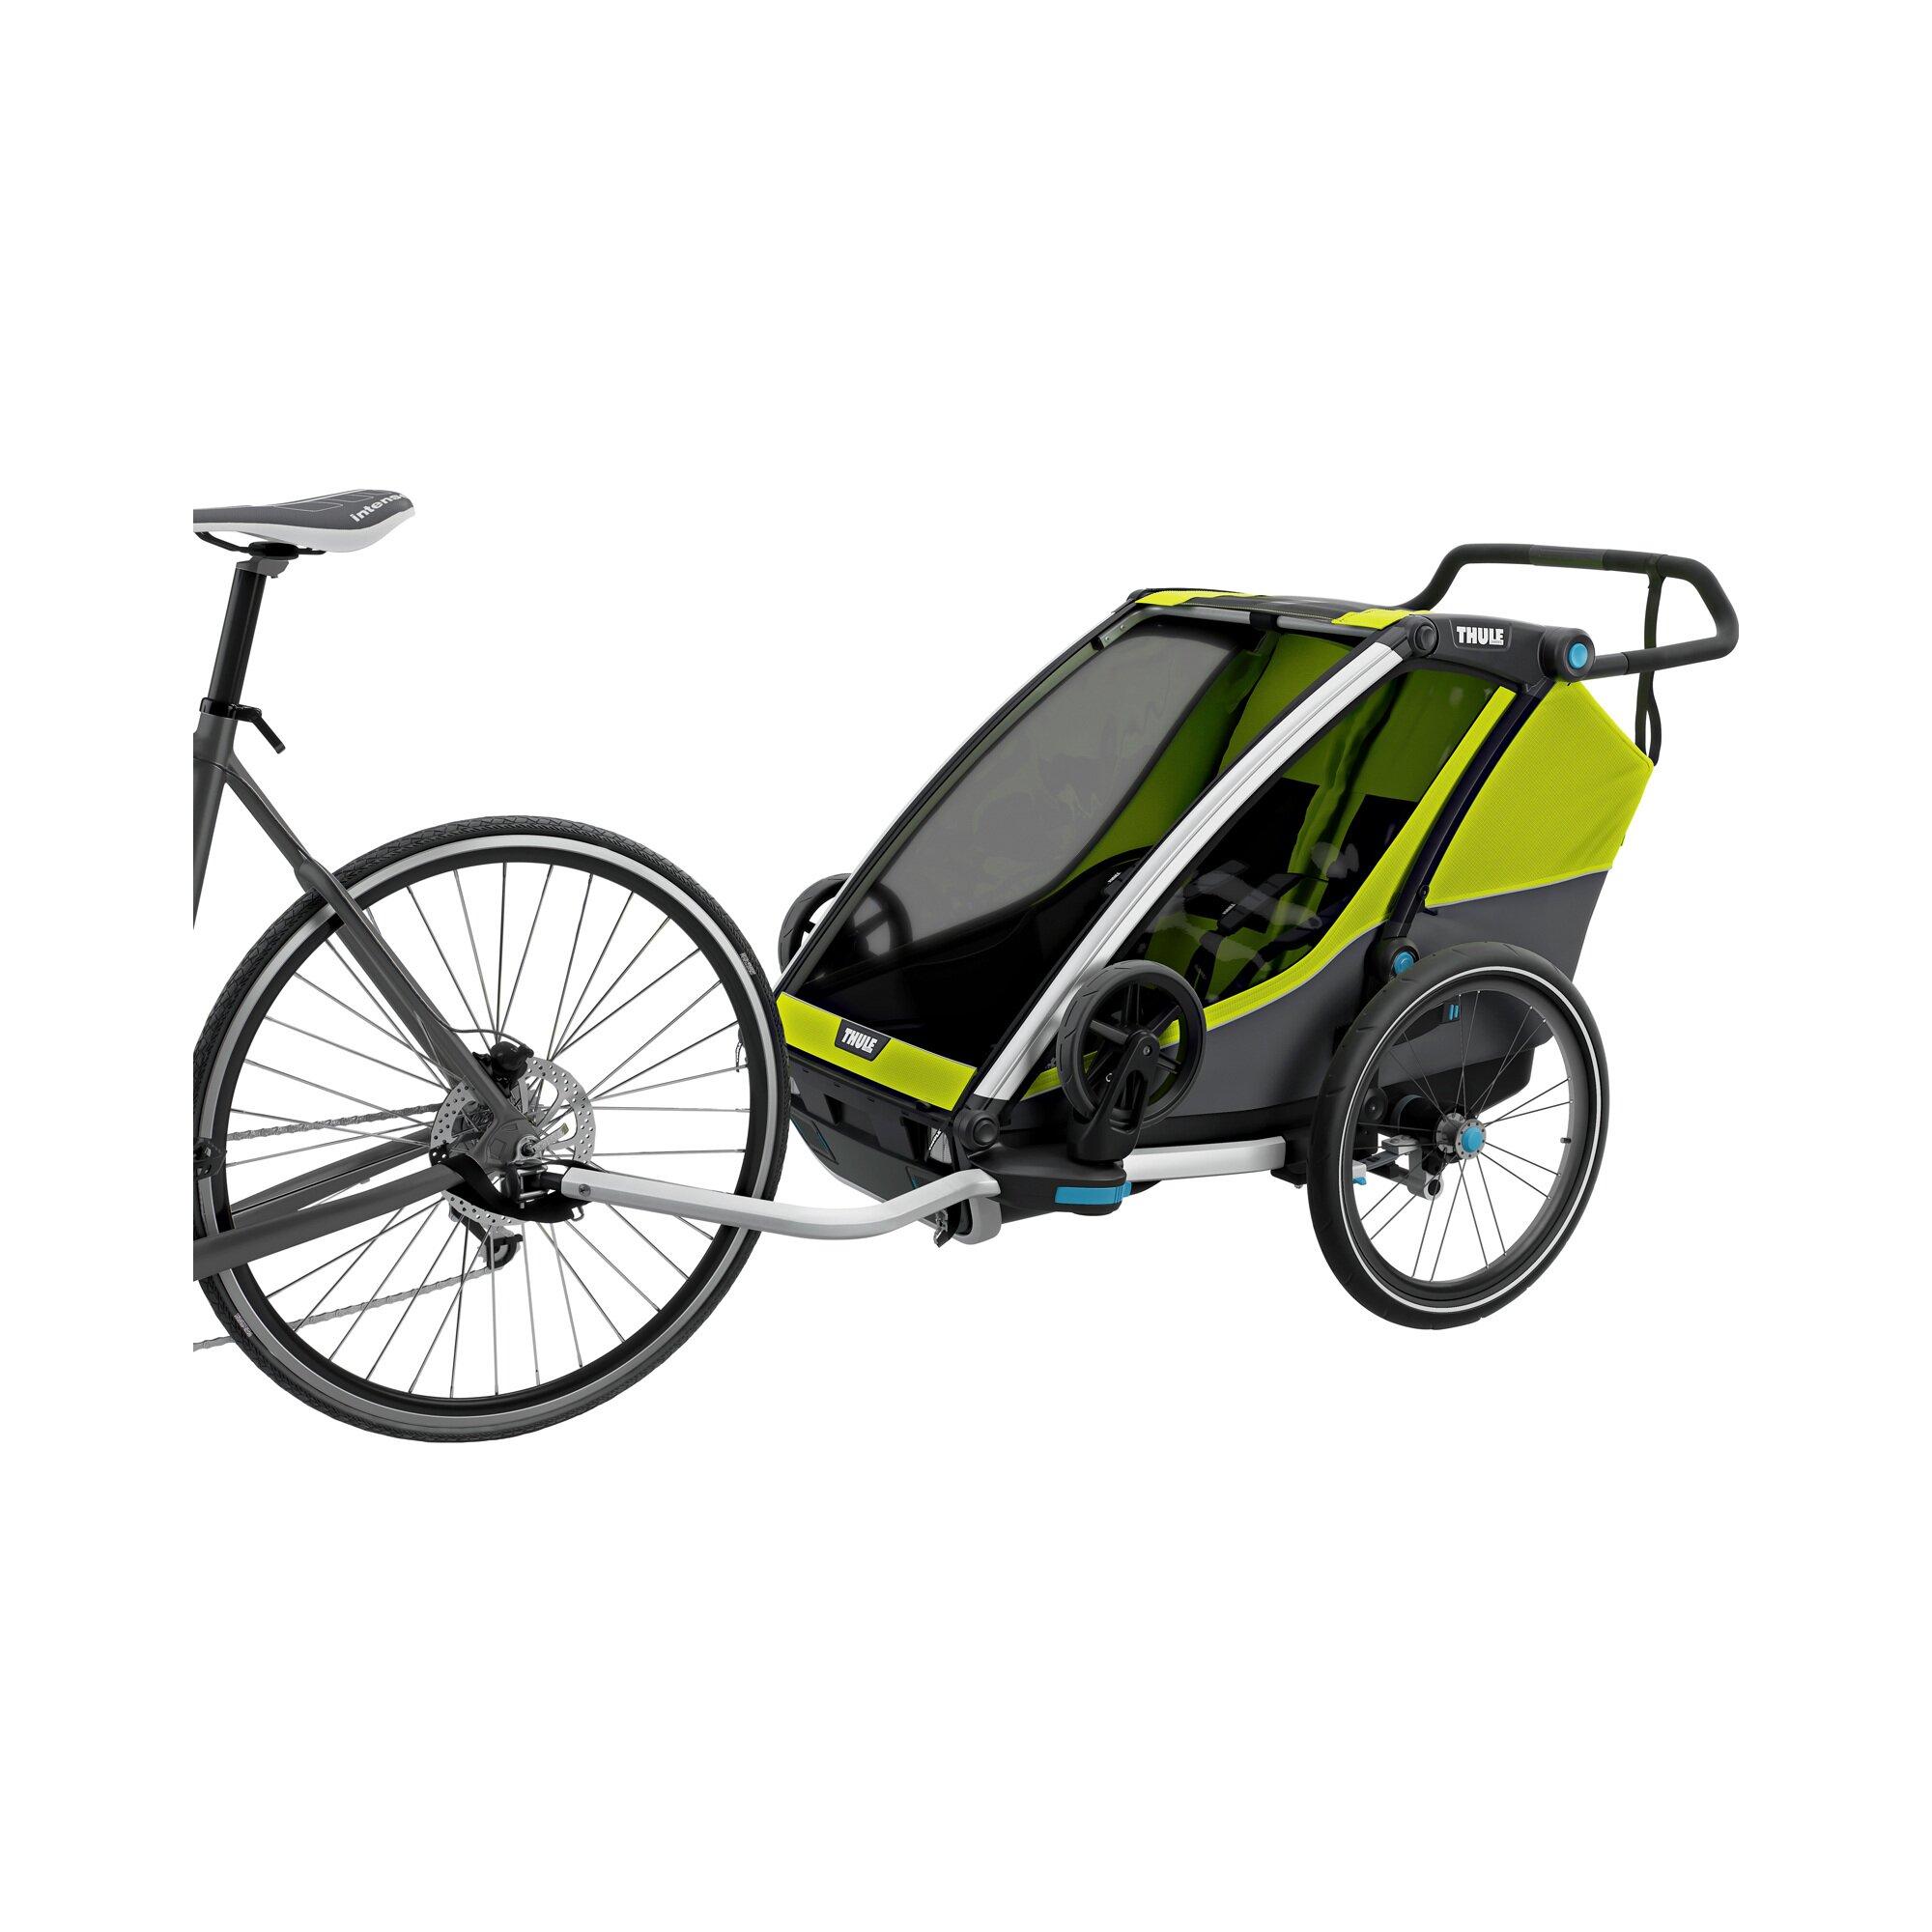 thule-chariot-cab2-fahrradanhanger